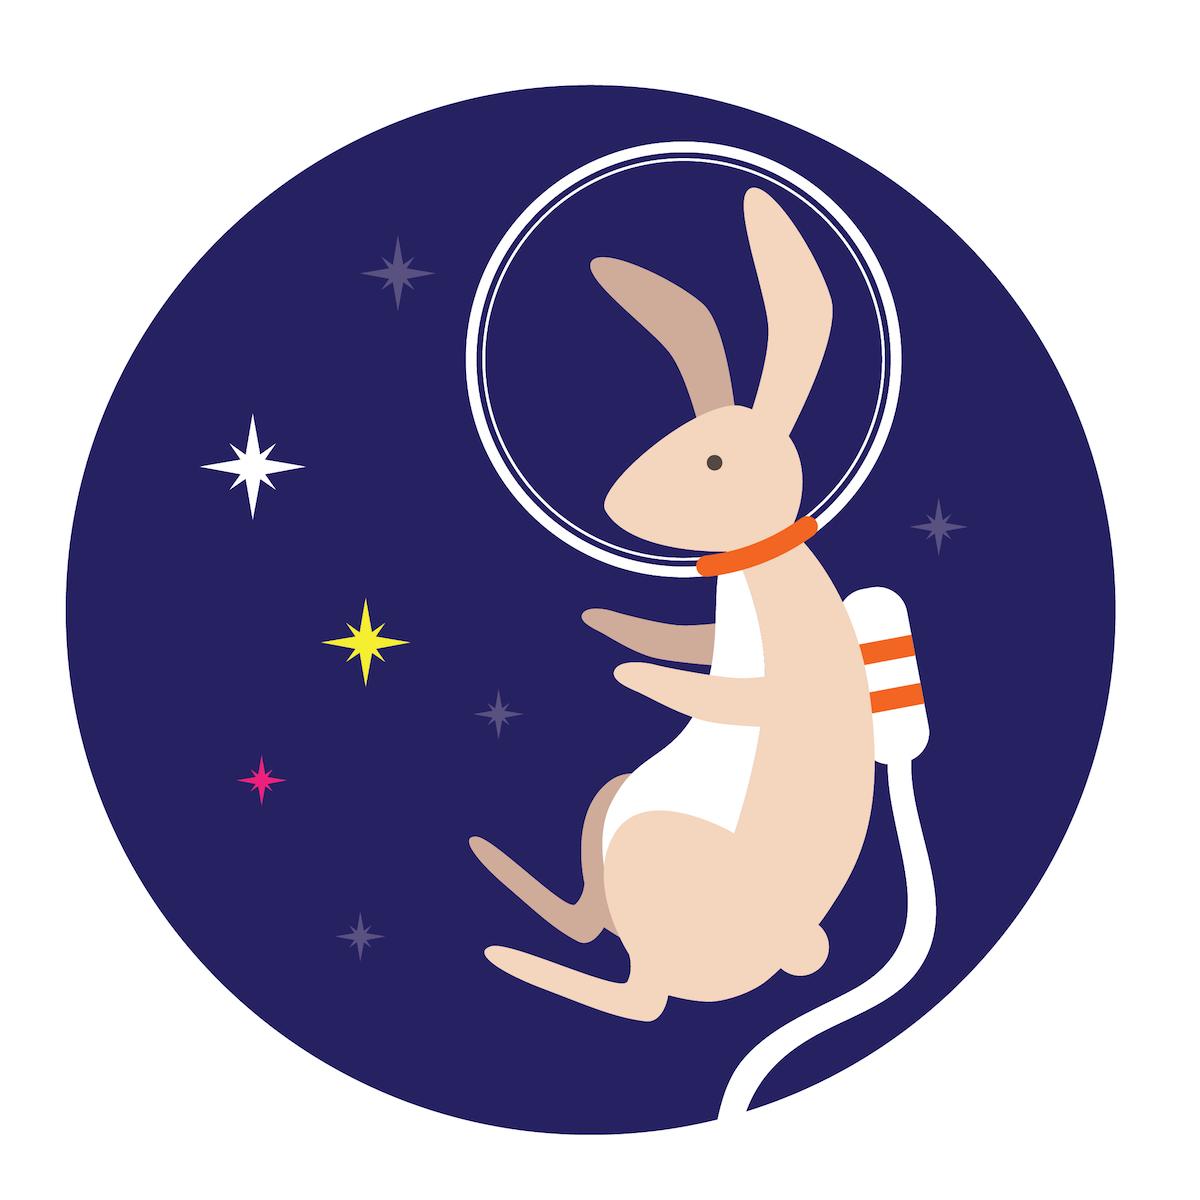 Take a trip to space #3